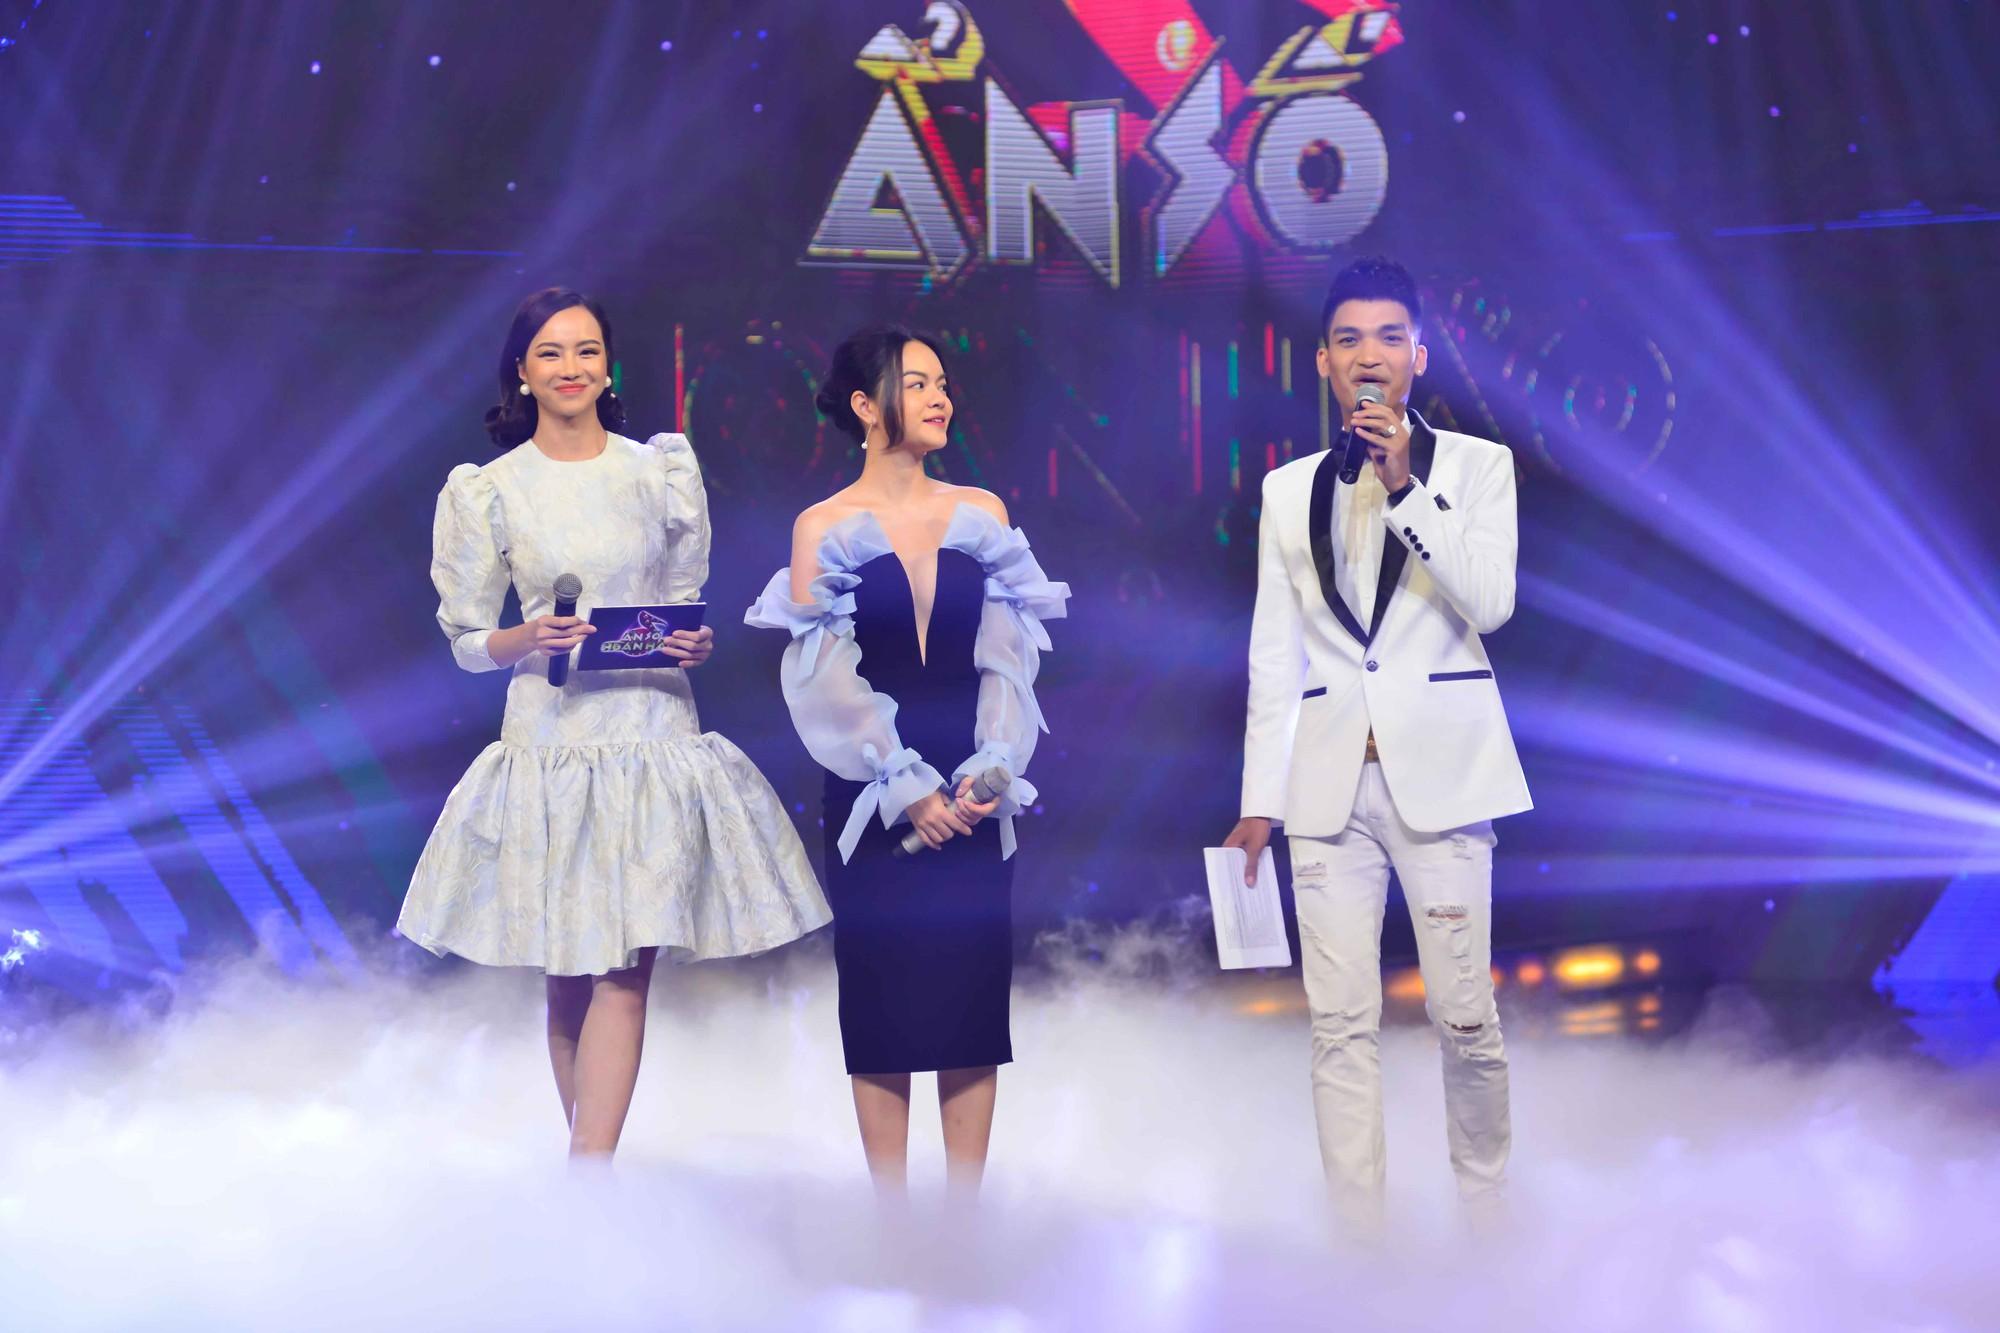 Mạc Văn Khoa quê độ khi nhận Phạm Quỳnh Anh là thần tượng nhưng không thuộc bài hát nào - Ảnh 2.